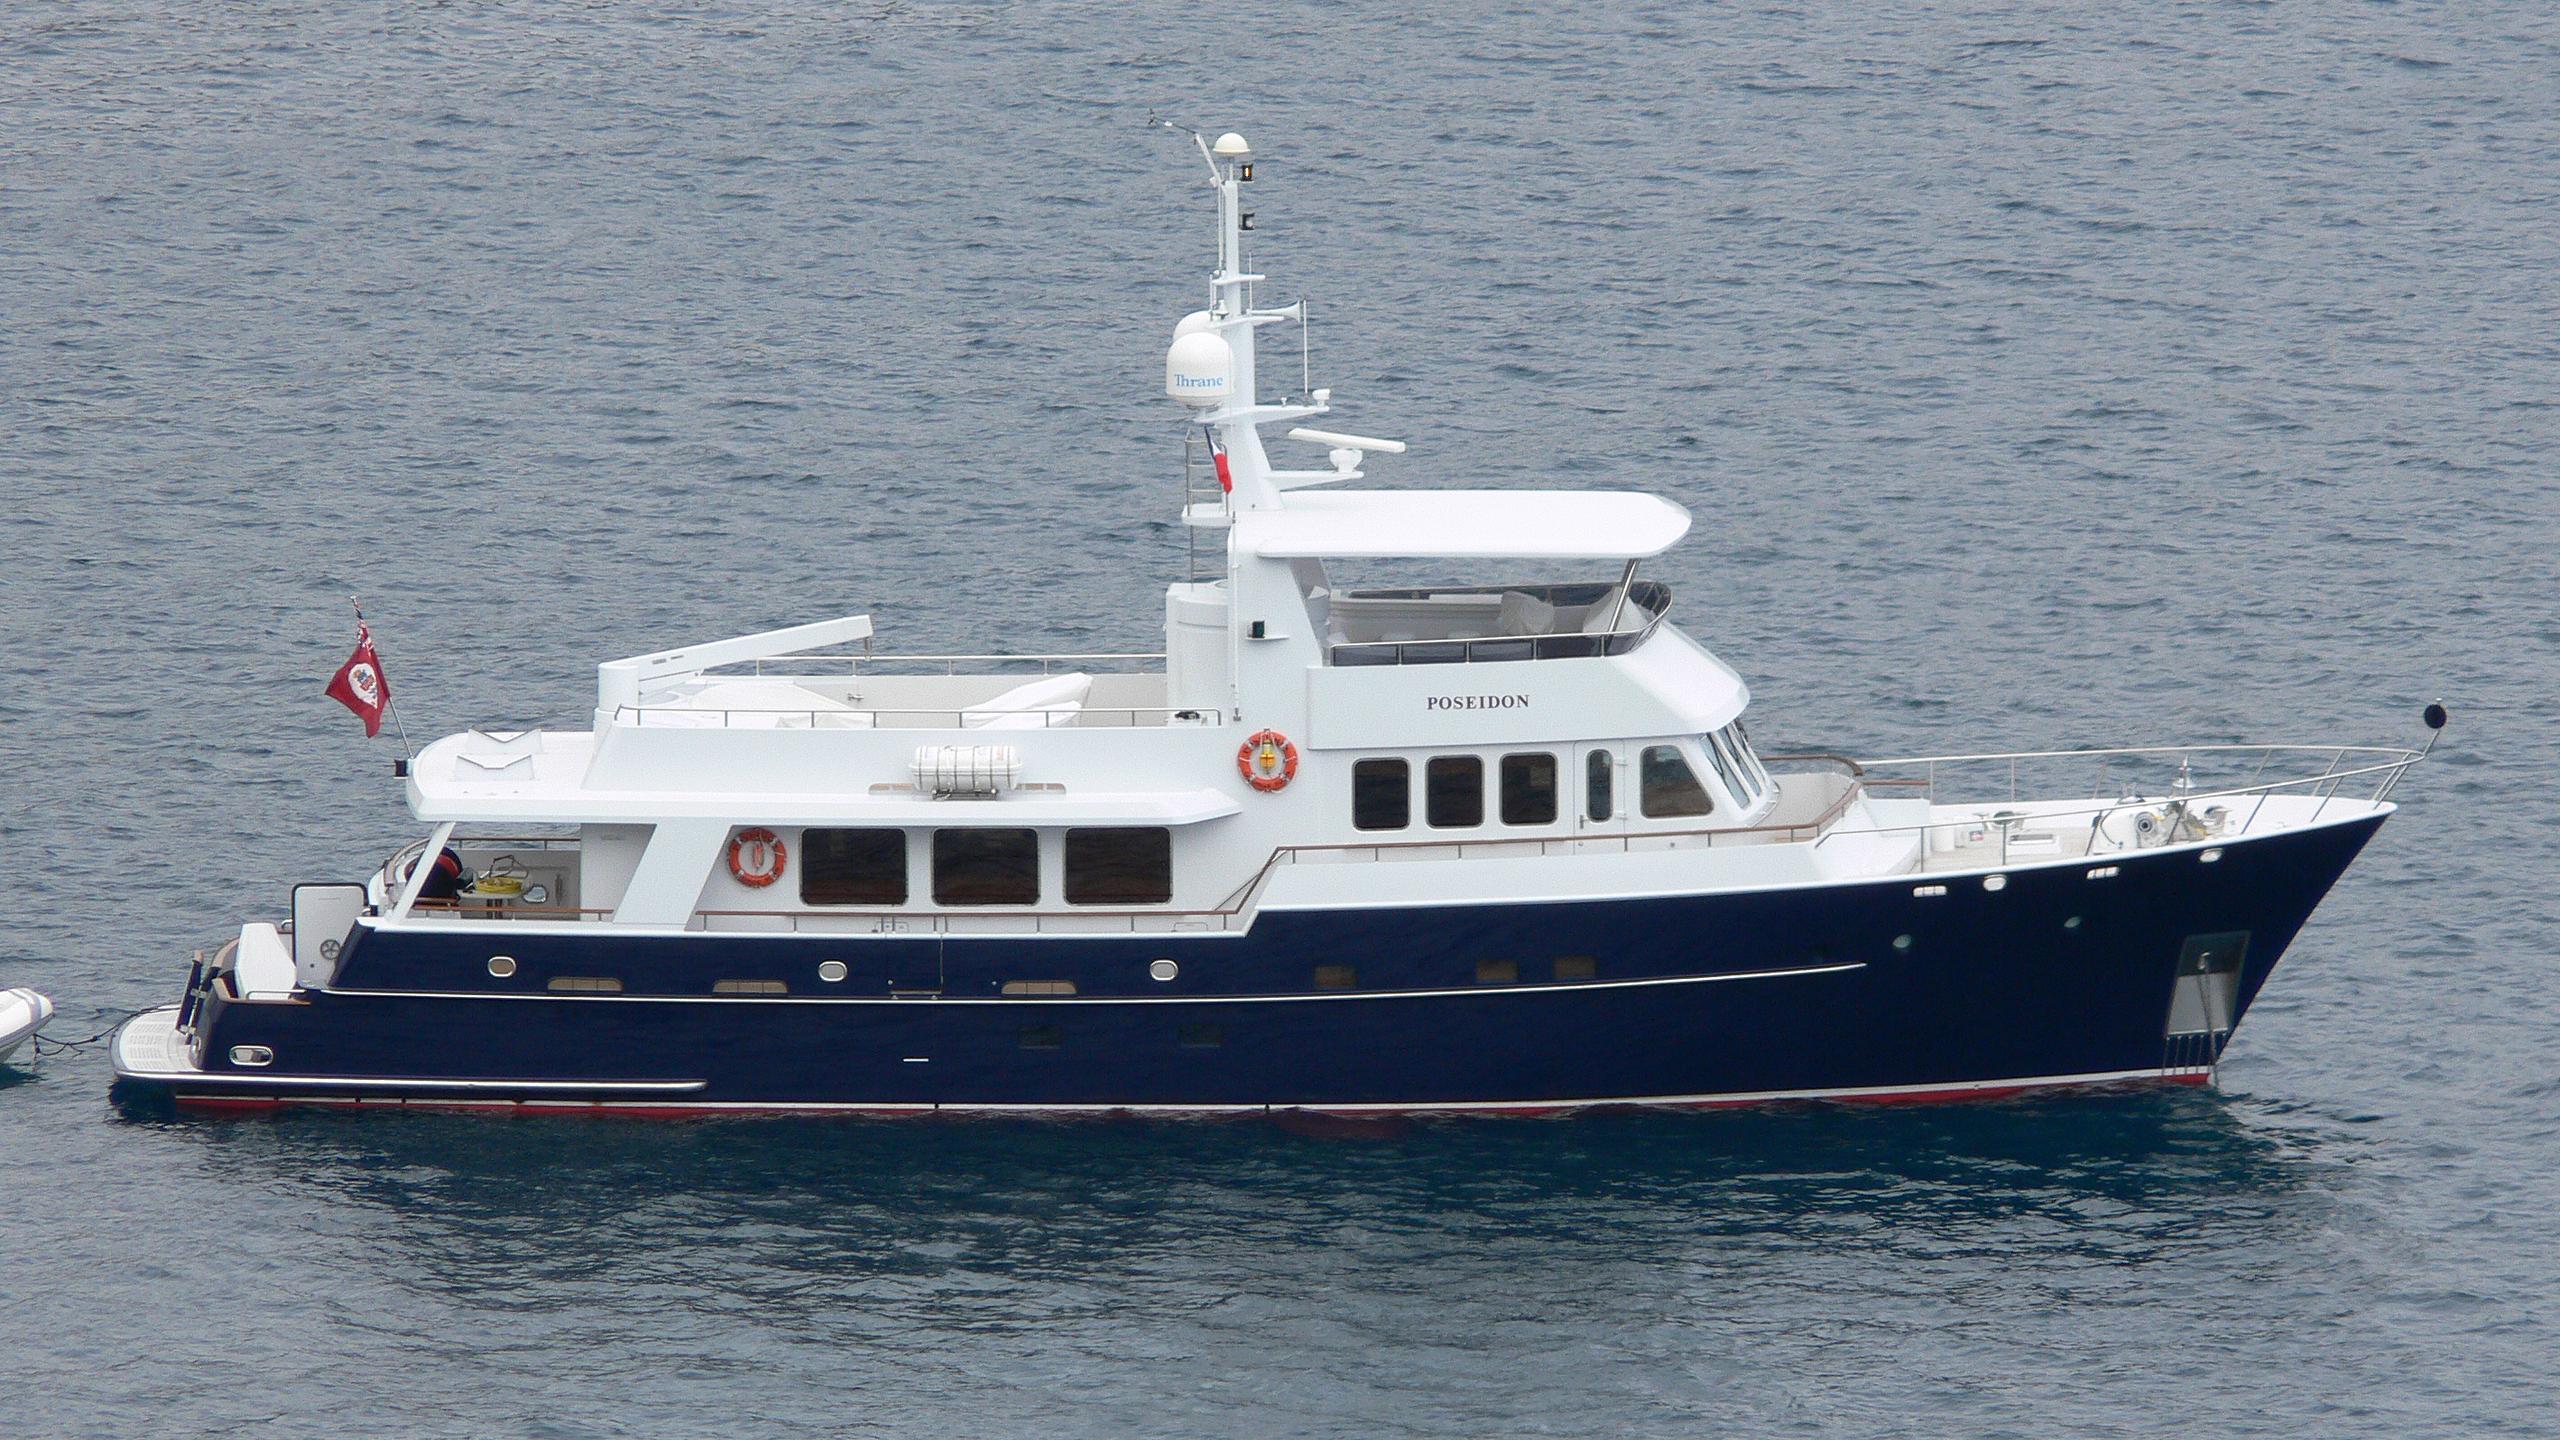 lakesider poseidon motoryacht moonen 2003 28m profile